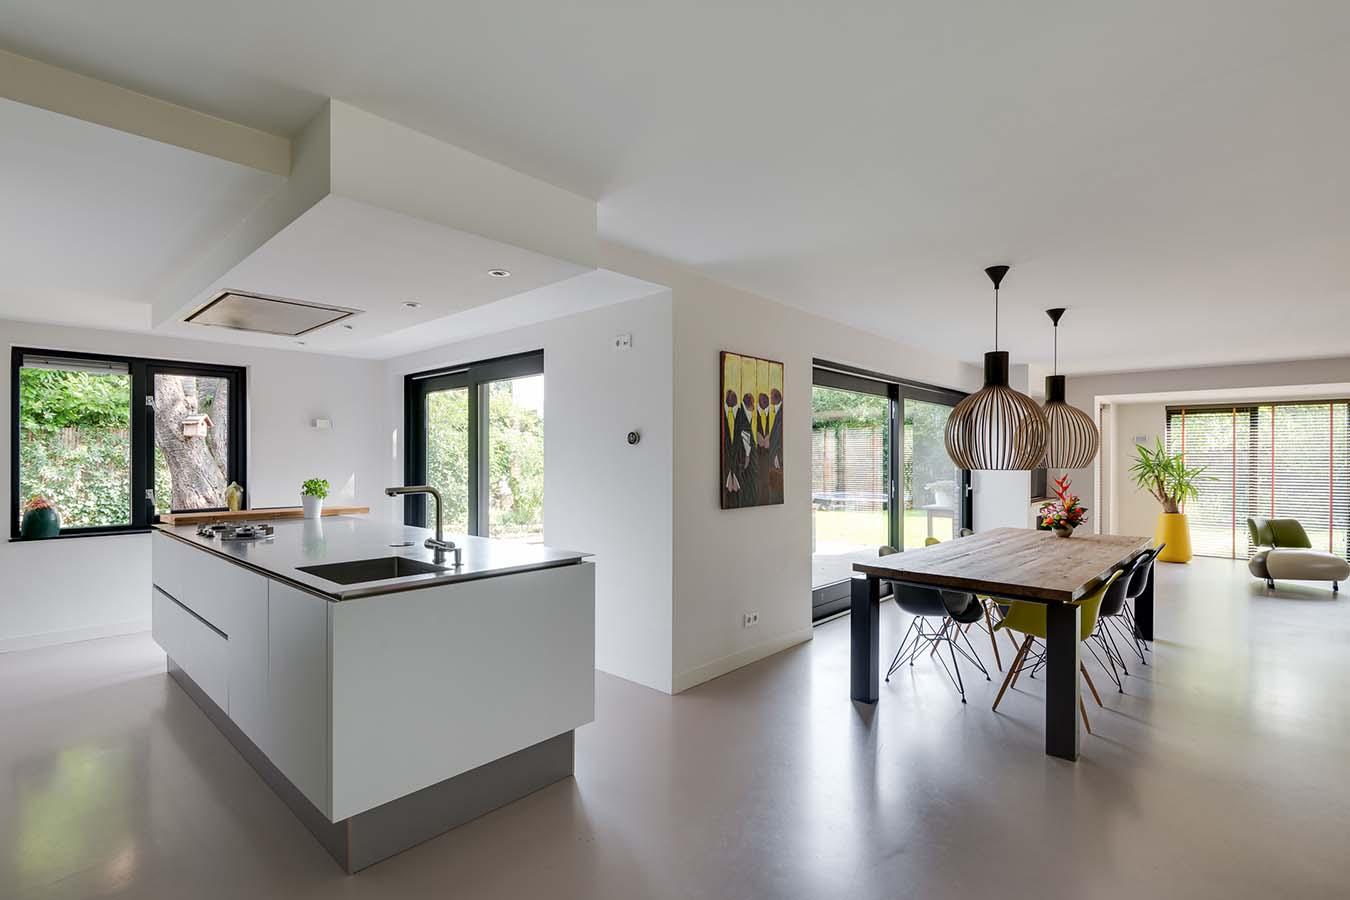 kookeiland met een grote woonkamer